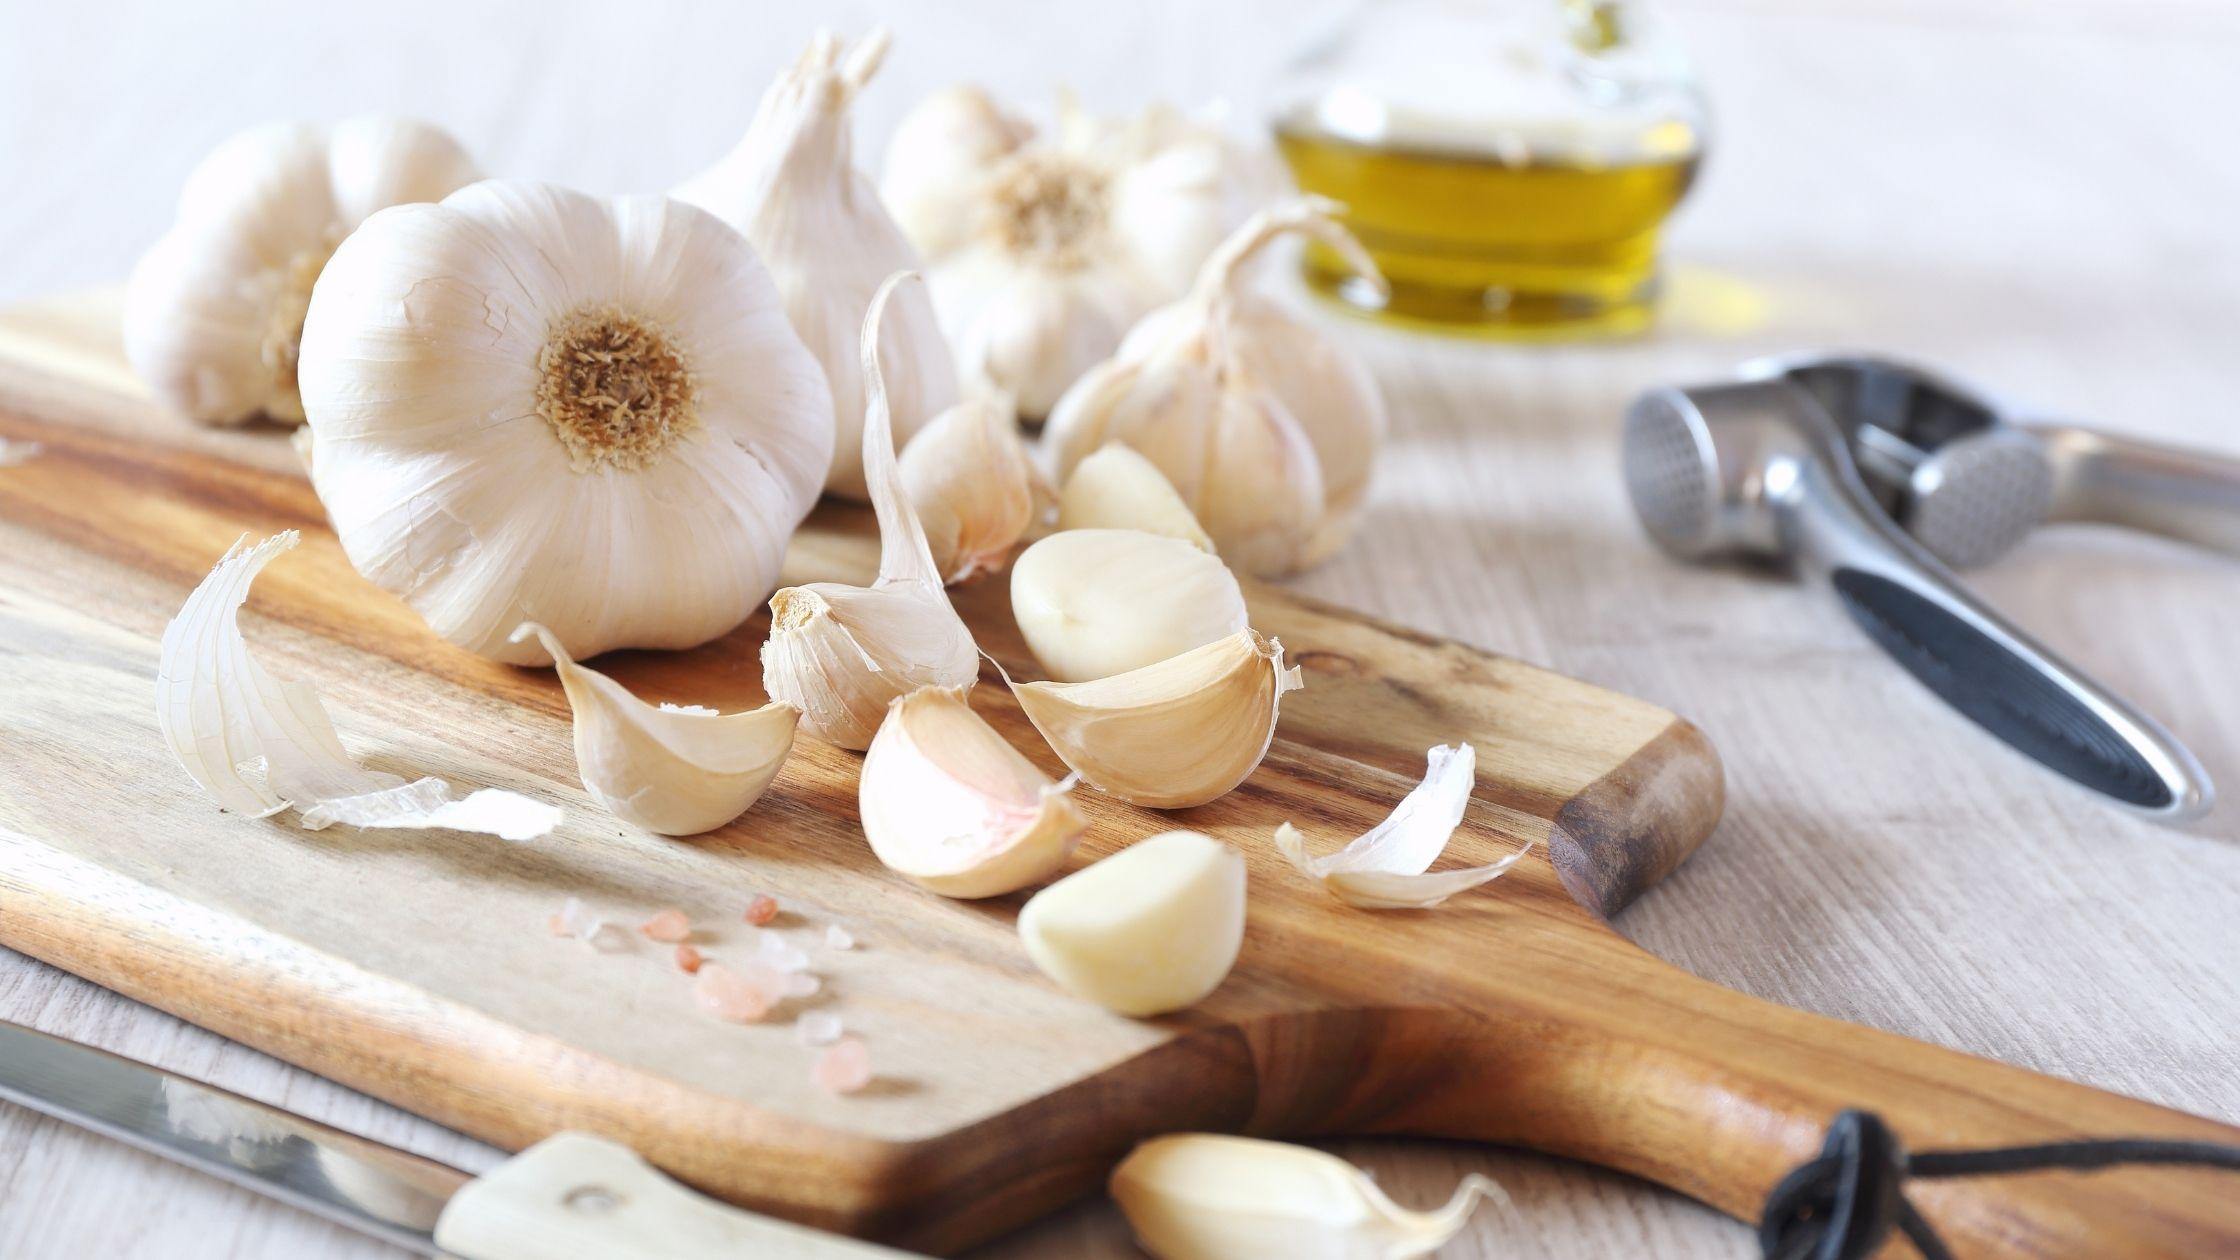 Garlic for fish